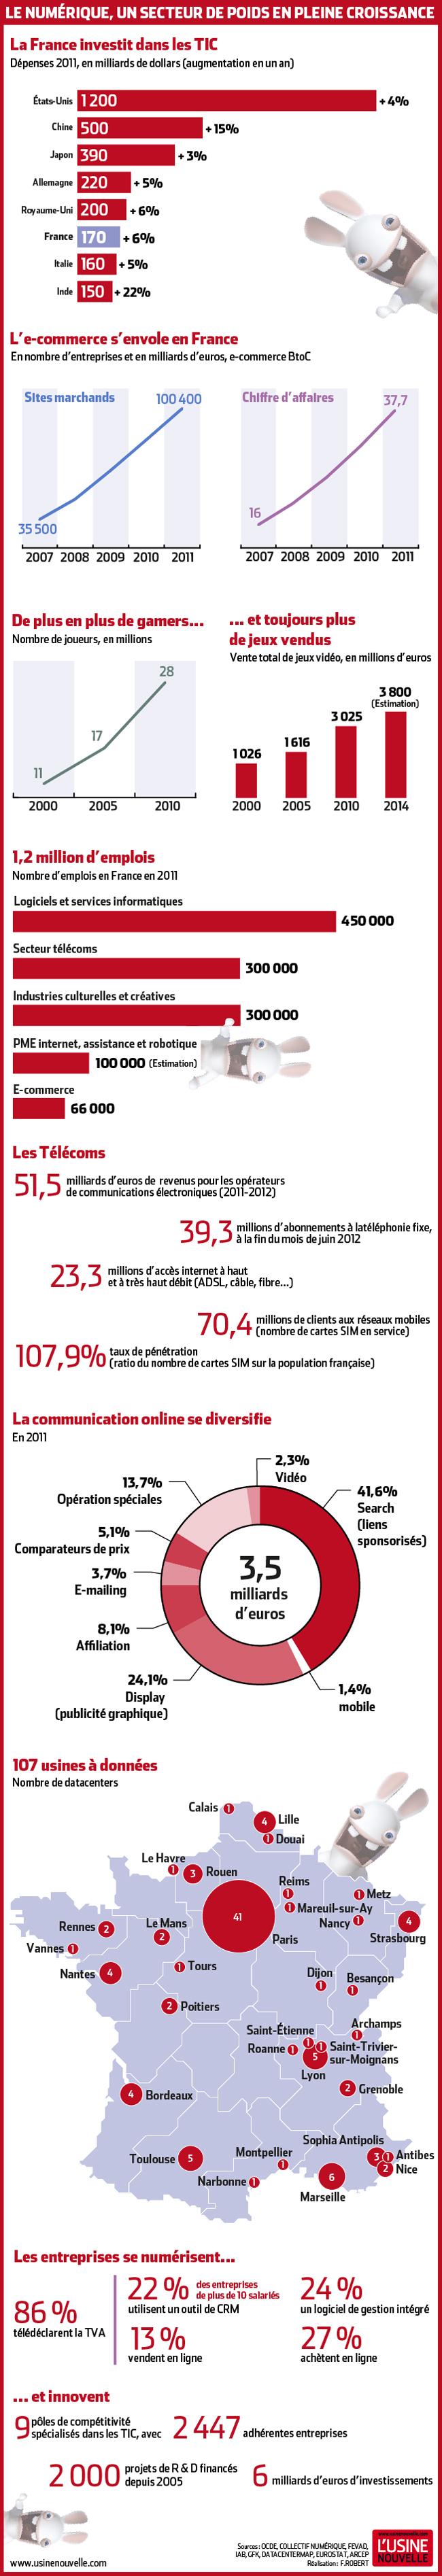 Le numérique et les datacenters en France